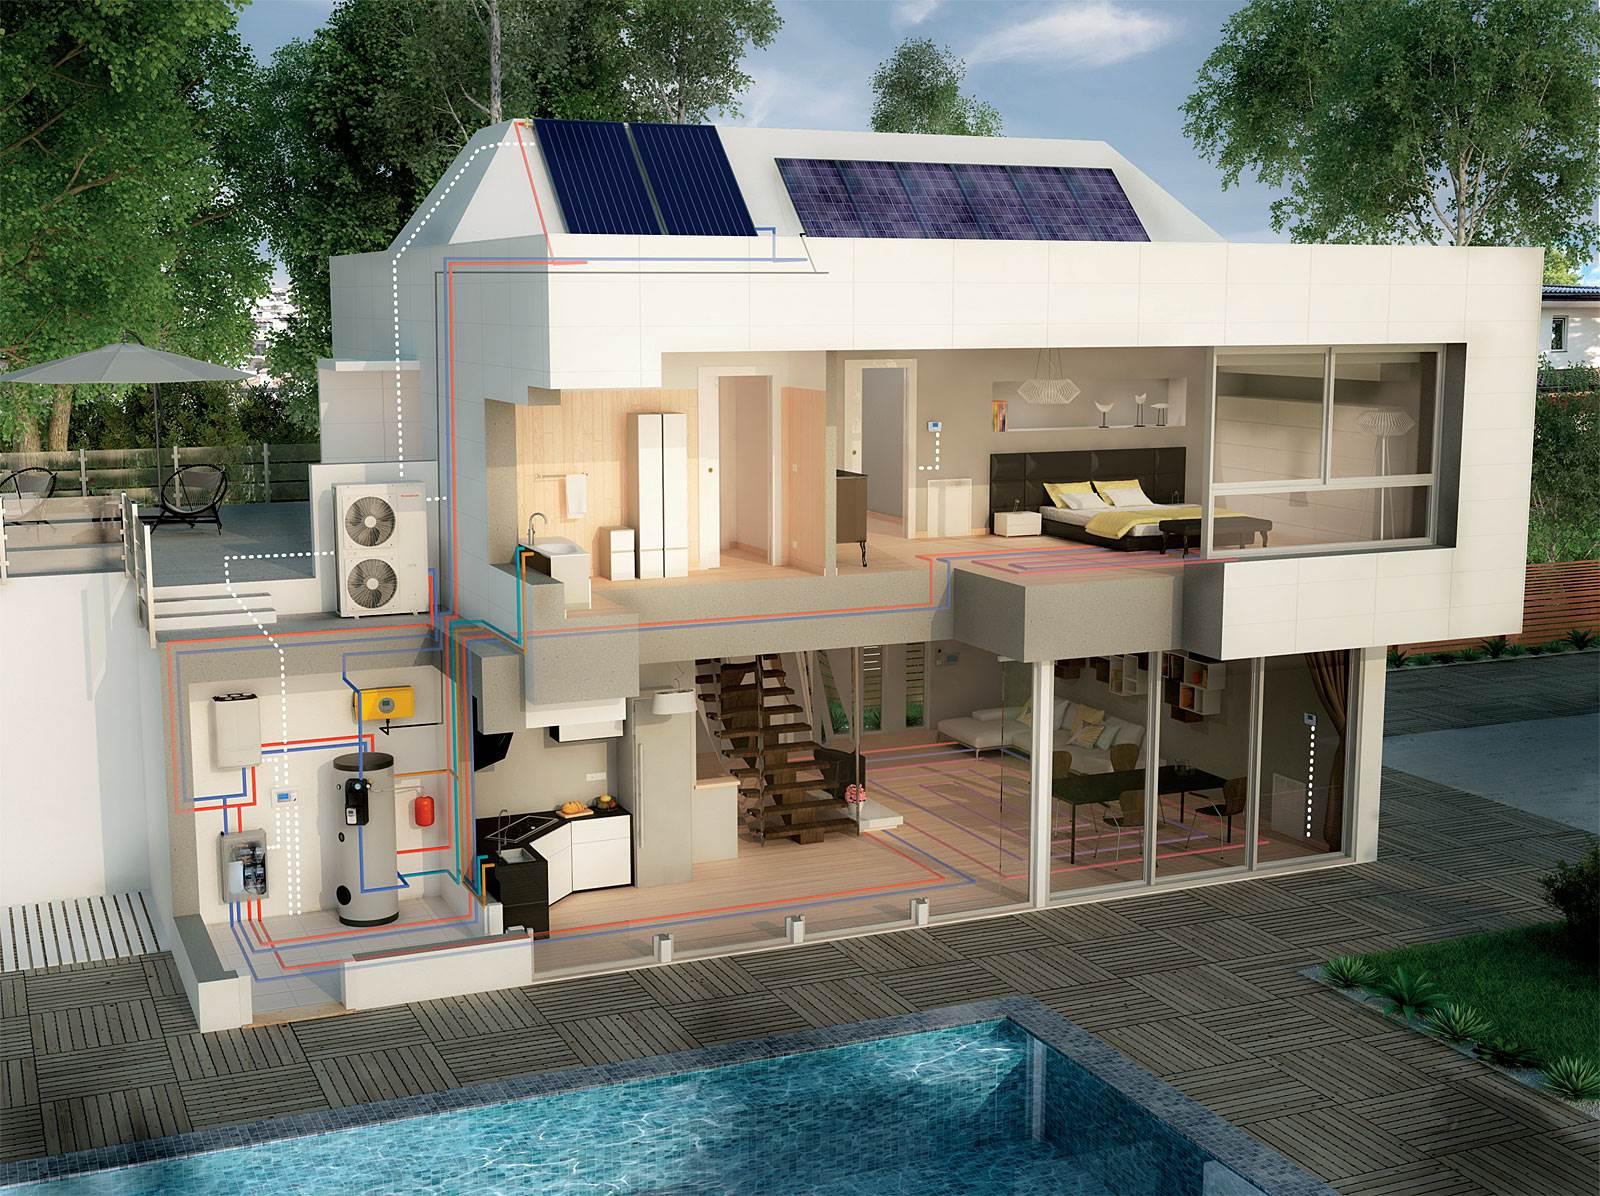 optymalizacja wydajnosci kolektorow slonecznych 3 - Optymalizacja wydajności kolektorów słonecznych